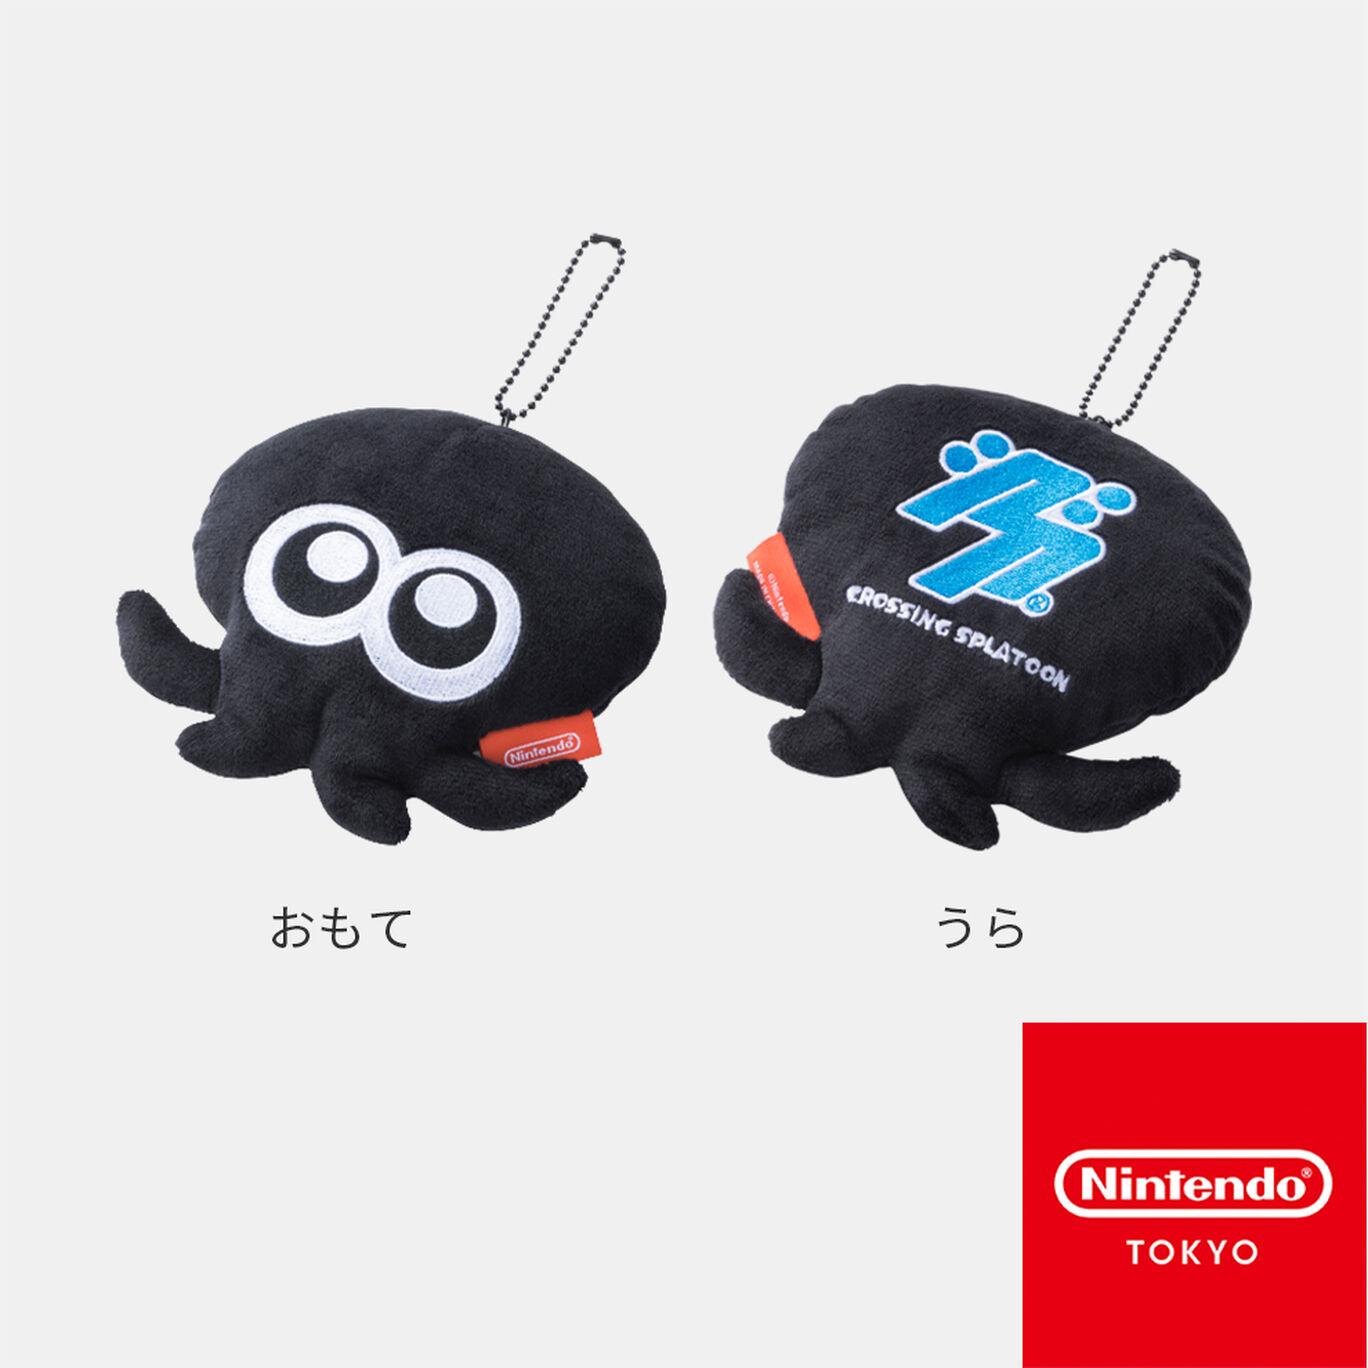 マスコット タコ CROSSING SPLATOON B【Nintendo TOKYO取り扱い商品】